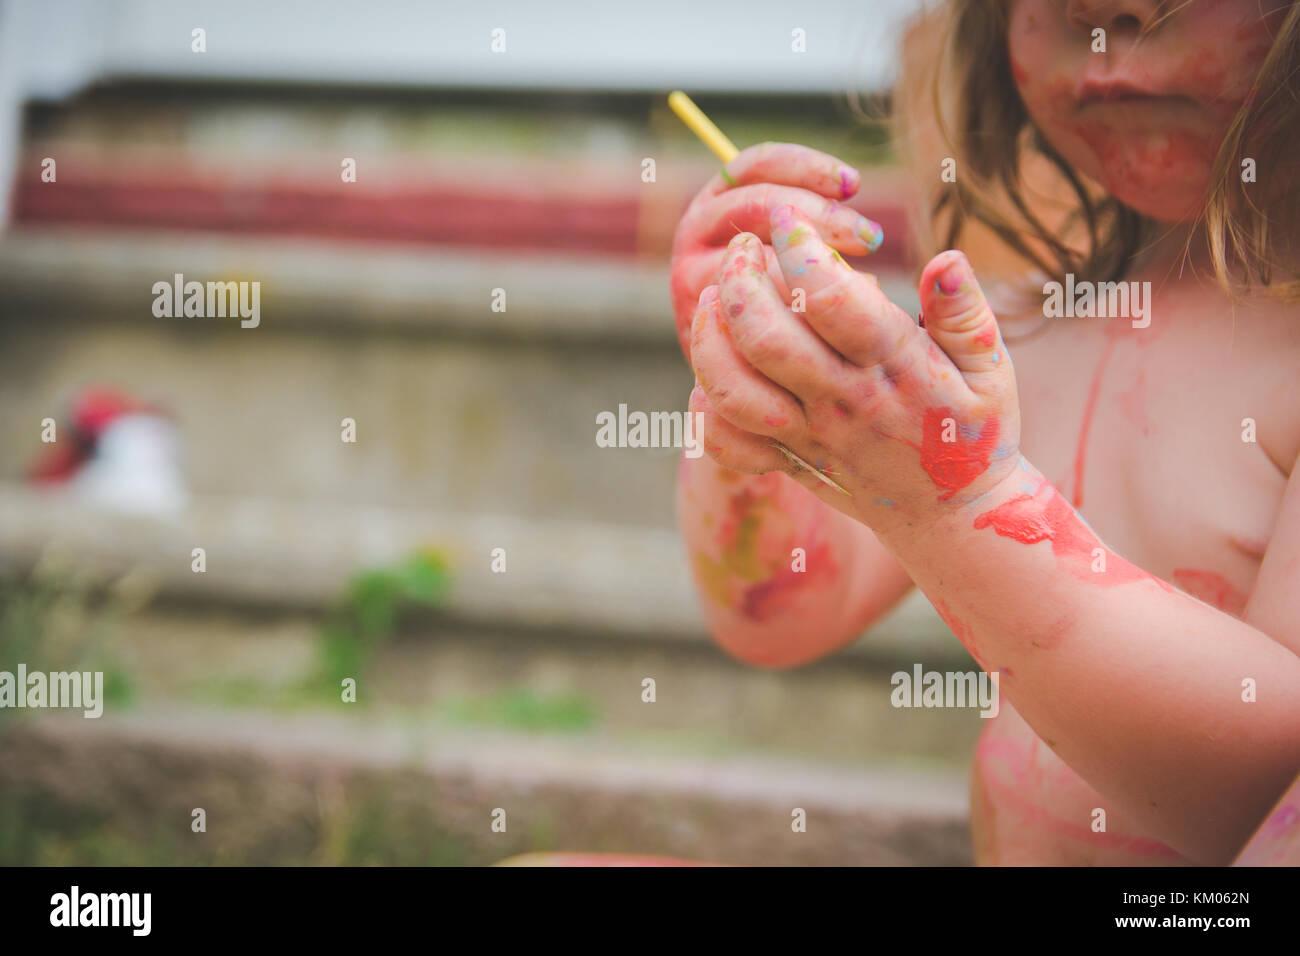 Les peintures d'un tout-petit sur ses mains. Photo Stock